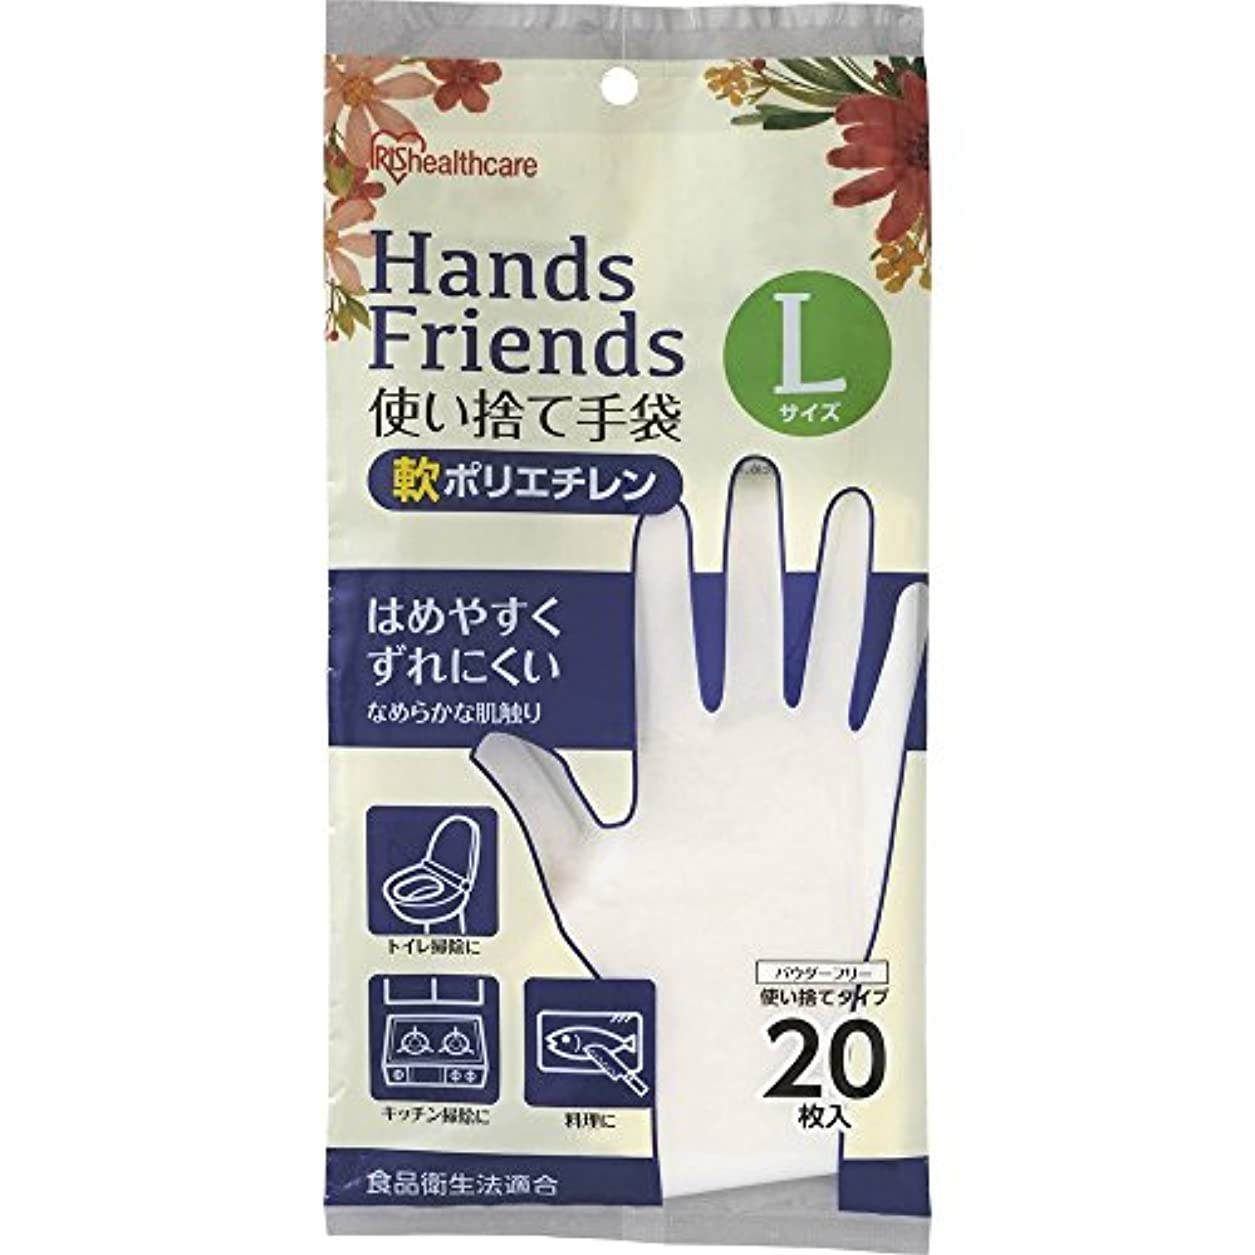 喜び清める差別化する使い捨て手袋 軟ポリエチレン手袋 Lサイズ 粉なし パウダーフリー クリア 20枚入